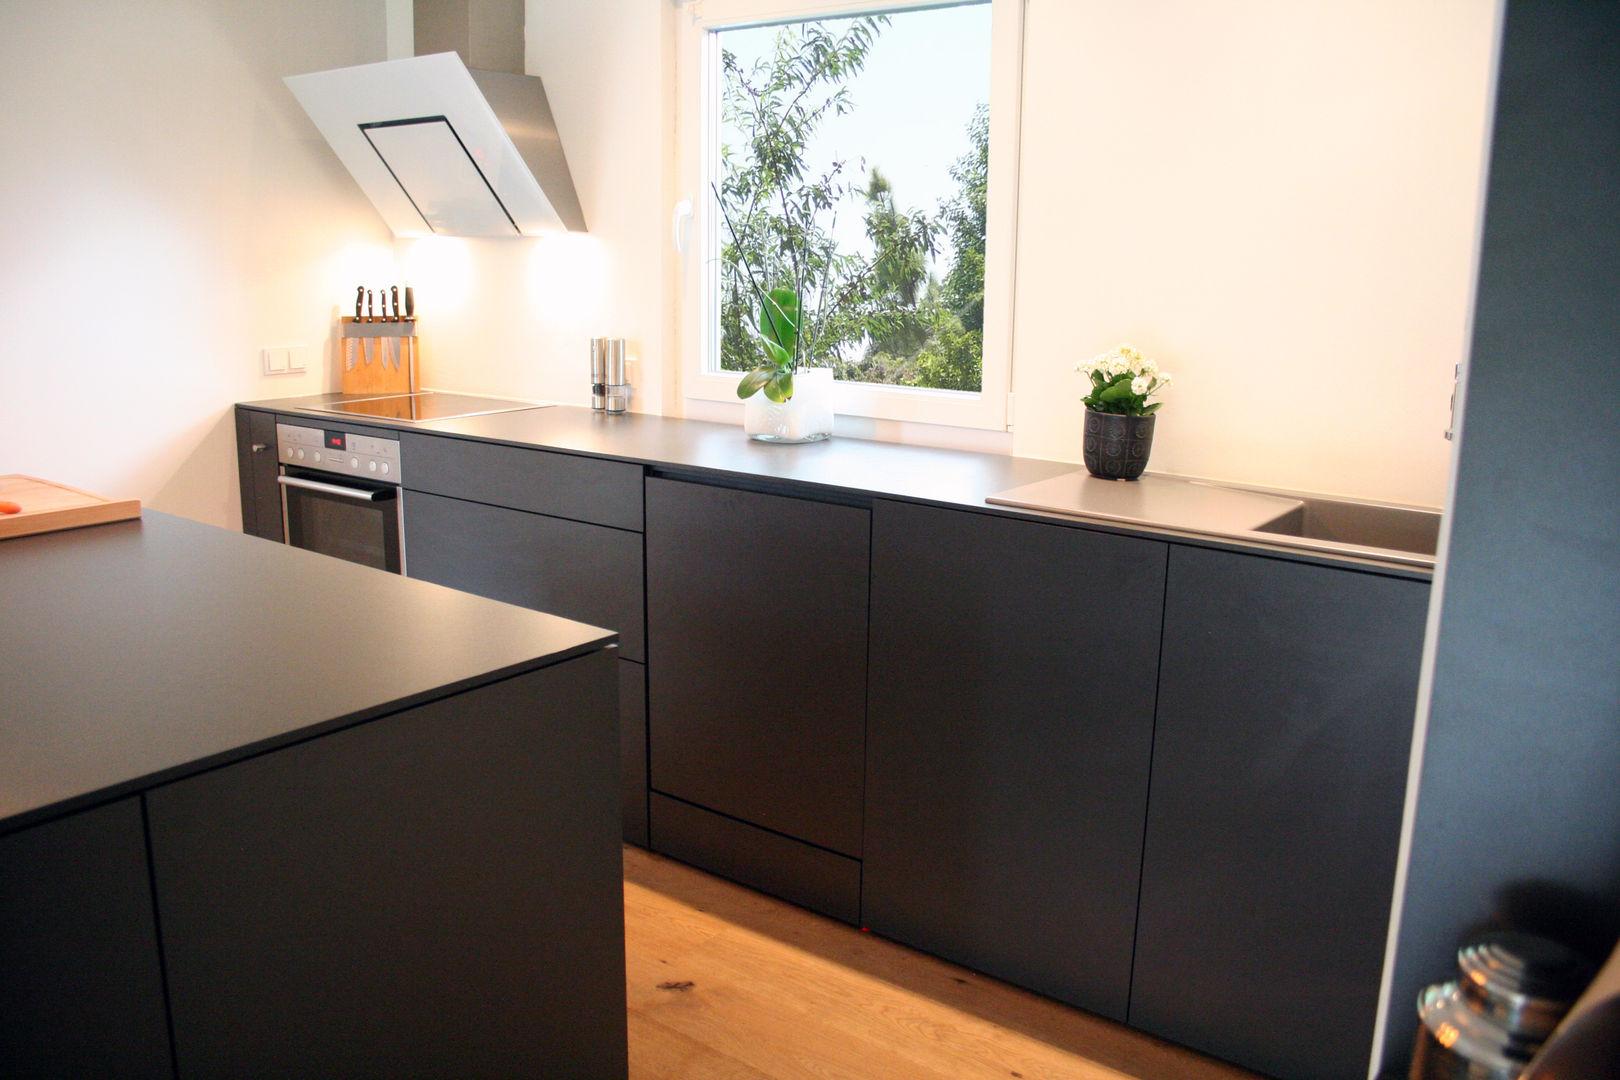 Interessant moderne küche bilder küche ohne hängeschränke grifflos homify iq73